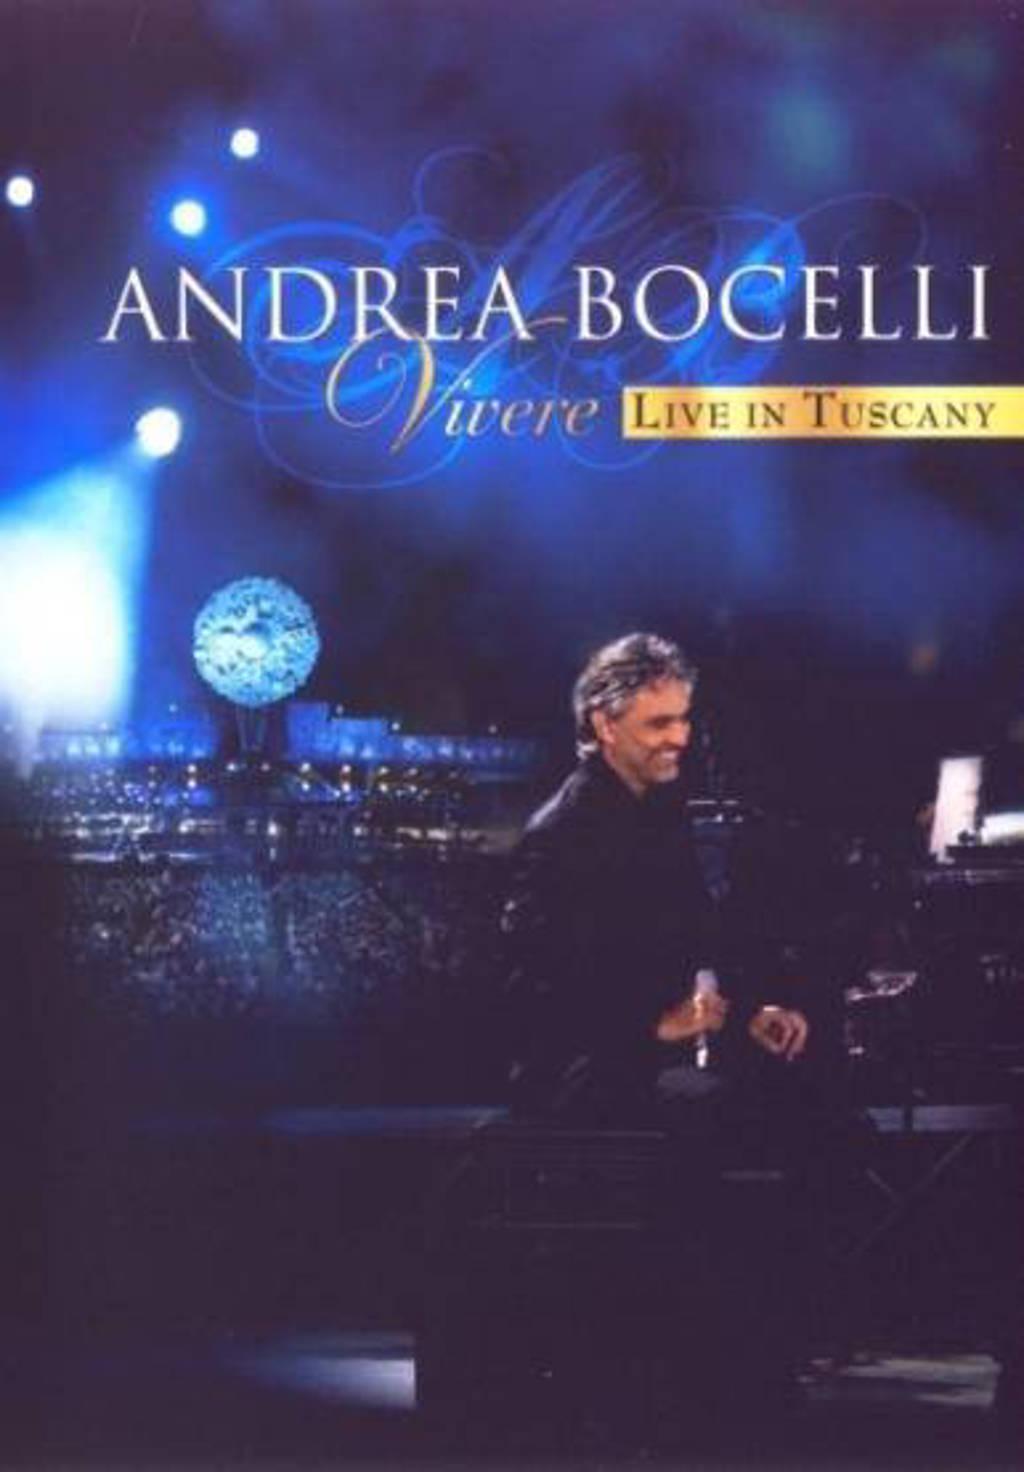 Andrea Bocelli - Vivere live in Tuscany (DVD)